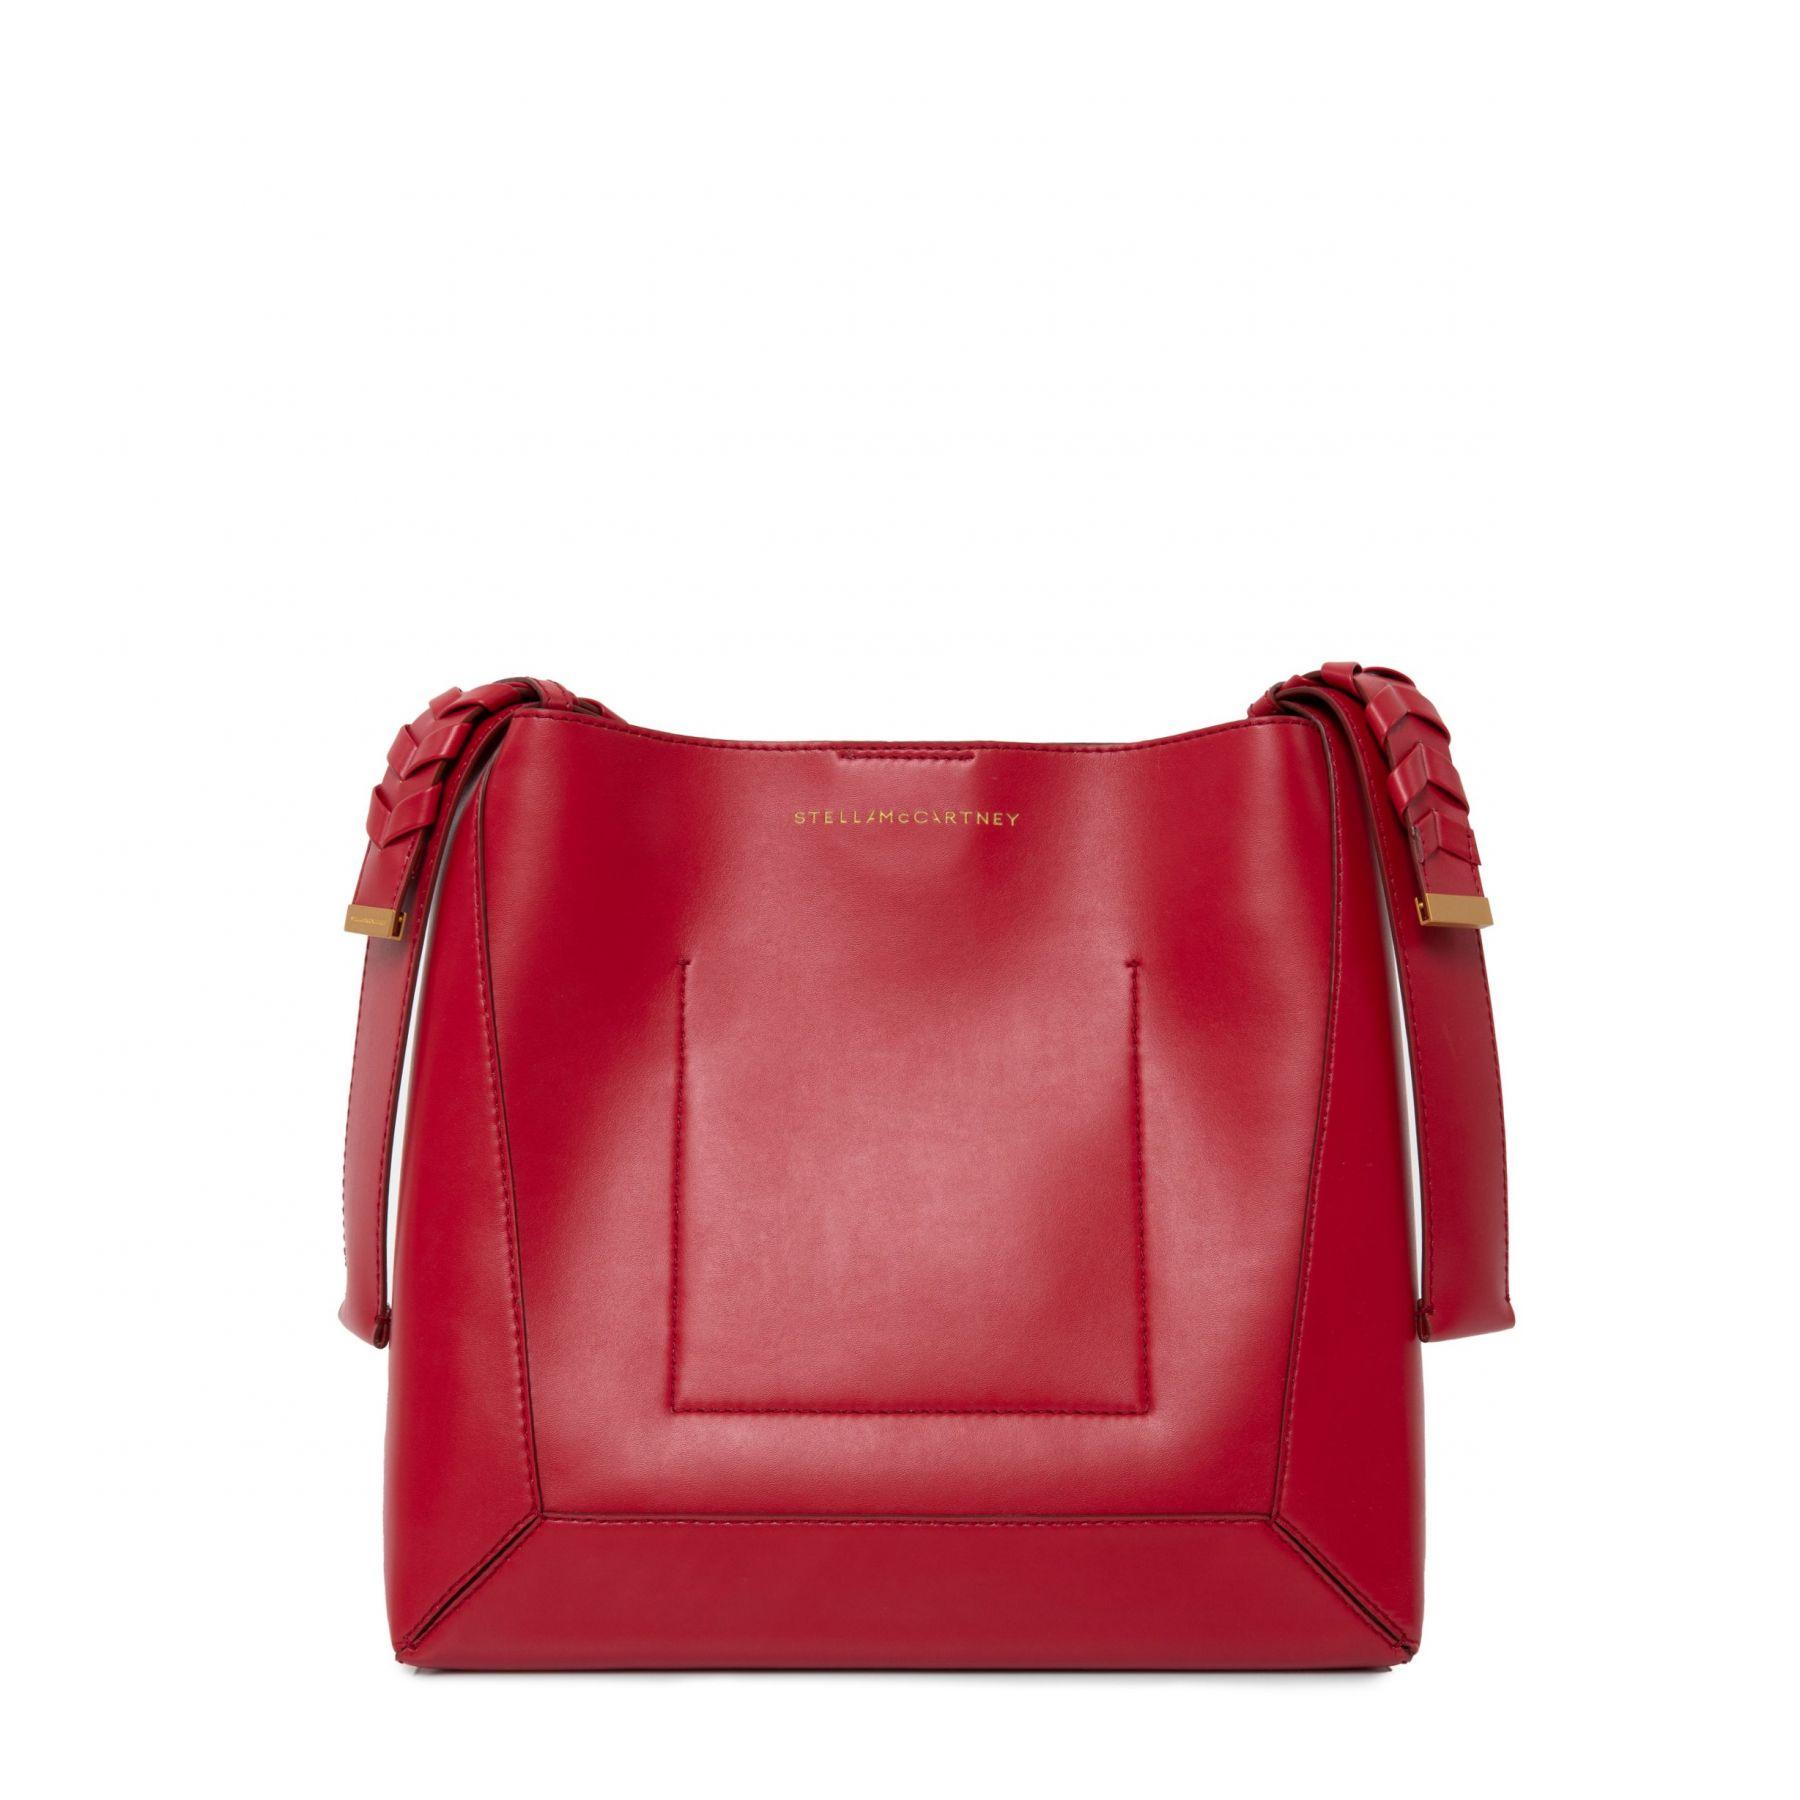 Сумка Stella McCartney Medium Hobo Bag красная